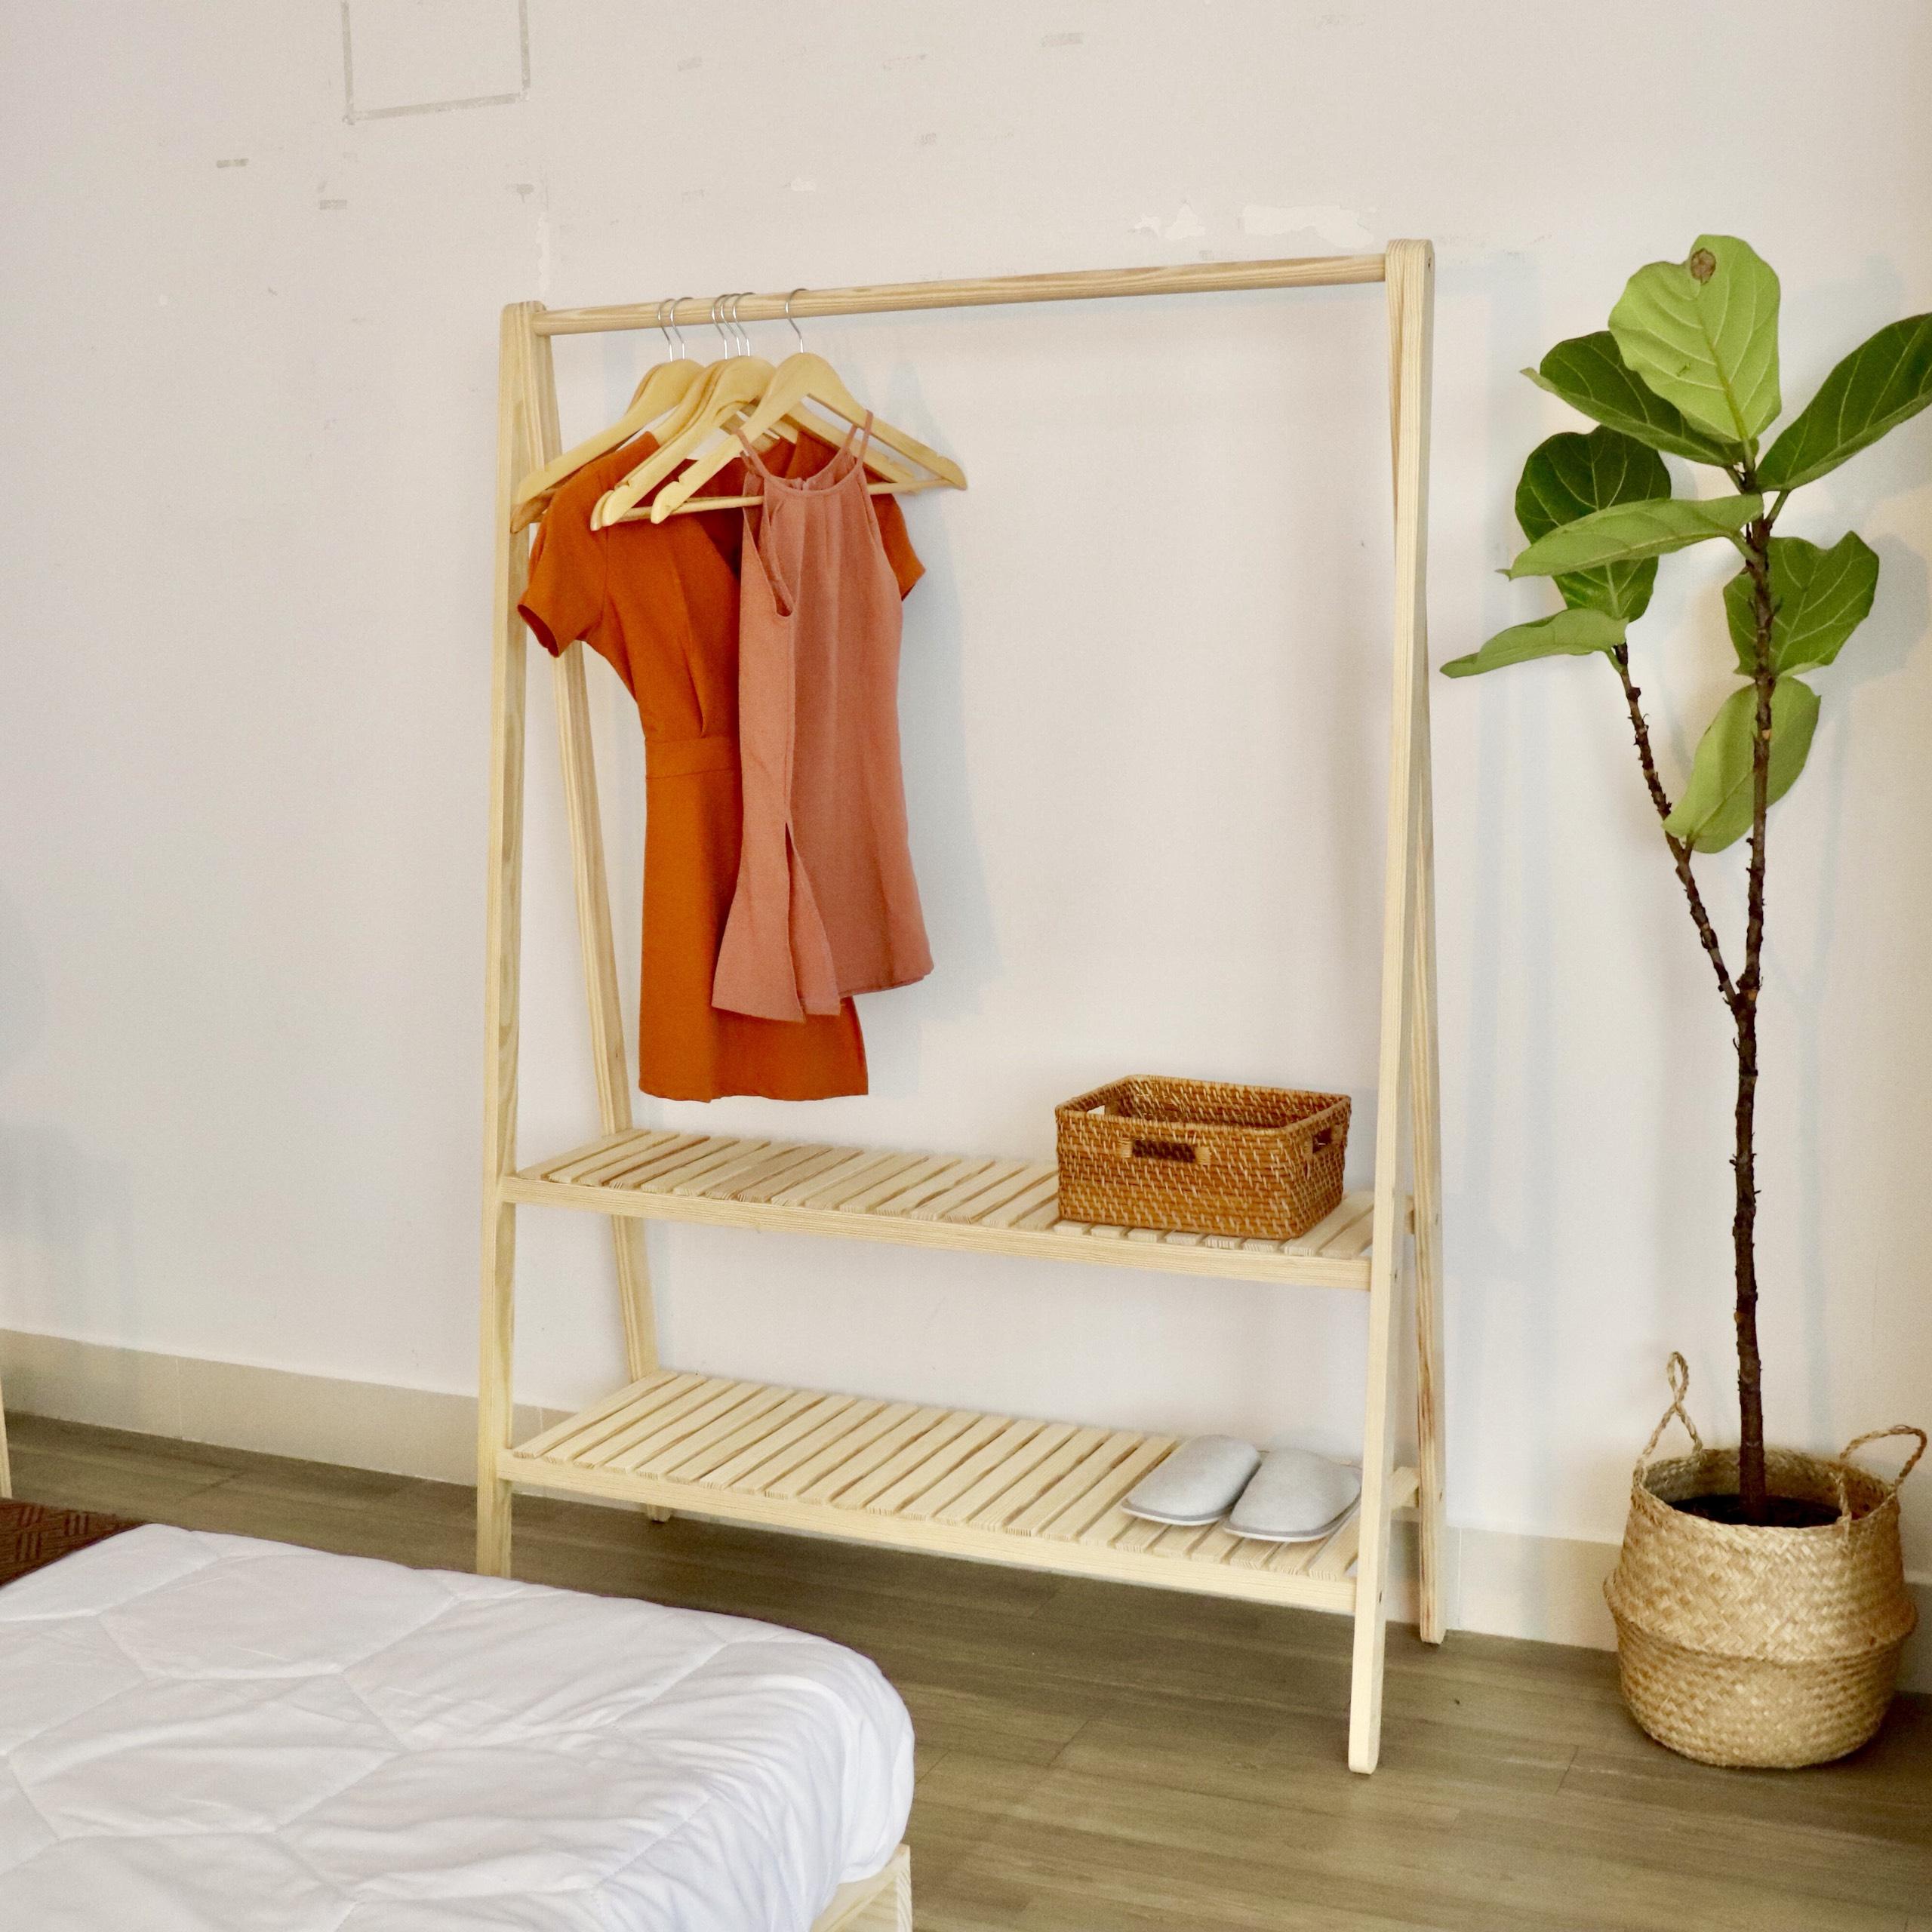 Giá treo quần áo 2 tầng Twin Home size 106 màu tự nhiên